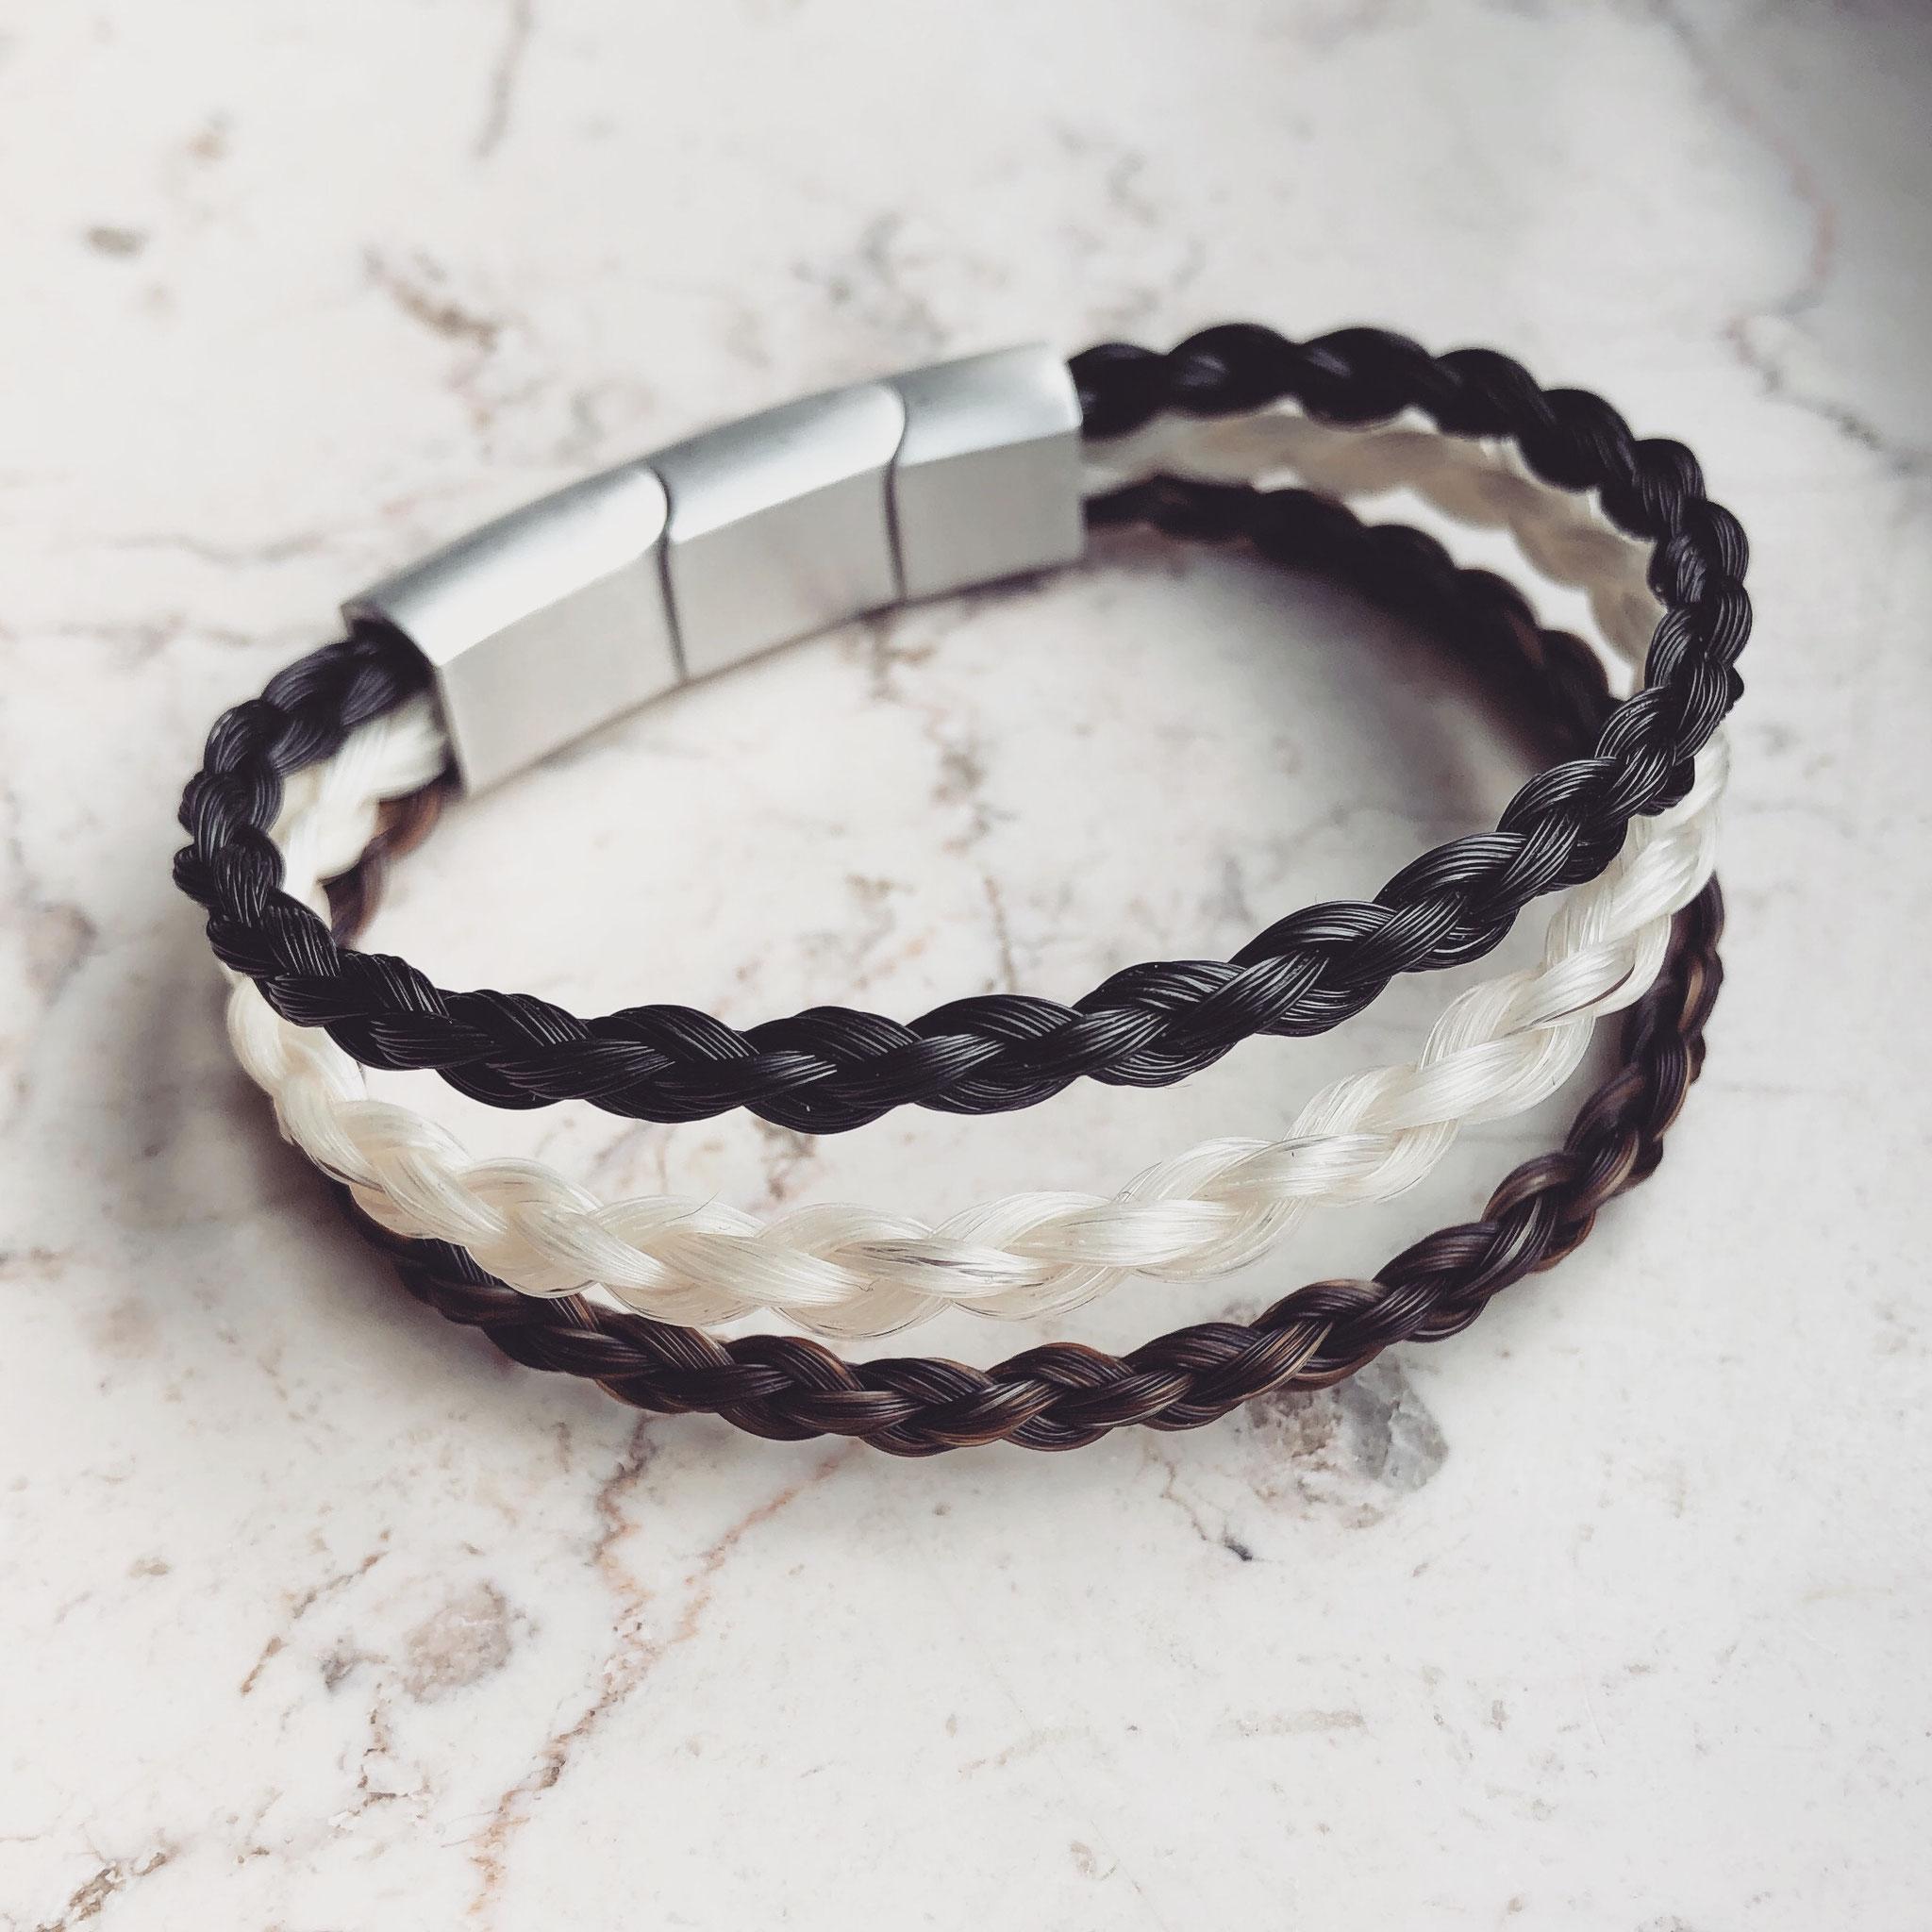 3er Armband, 4-fach rund geflochten mit Edelstahl Magnetverschluss in matt-Optik.